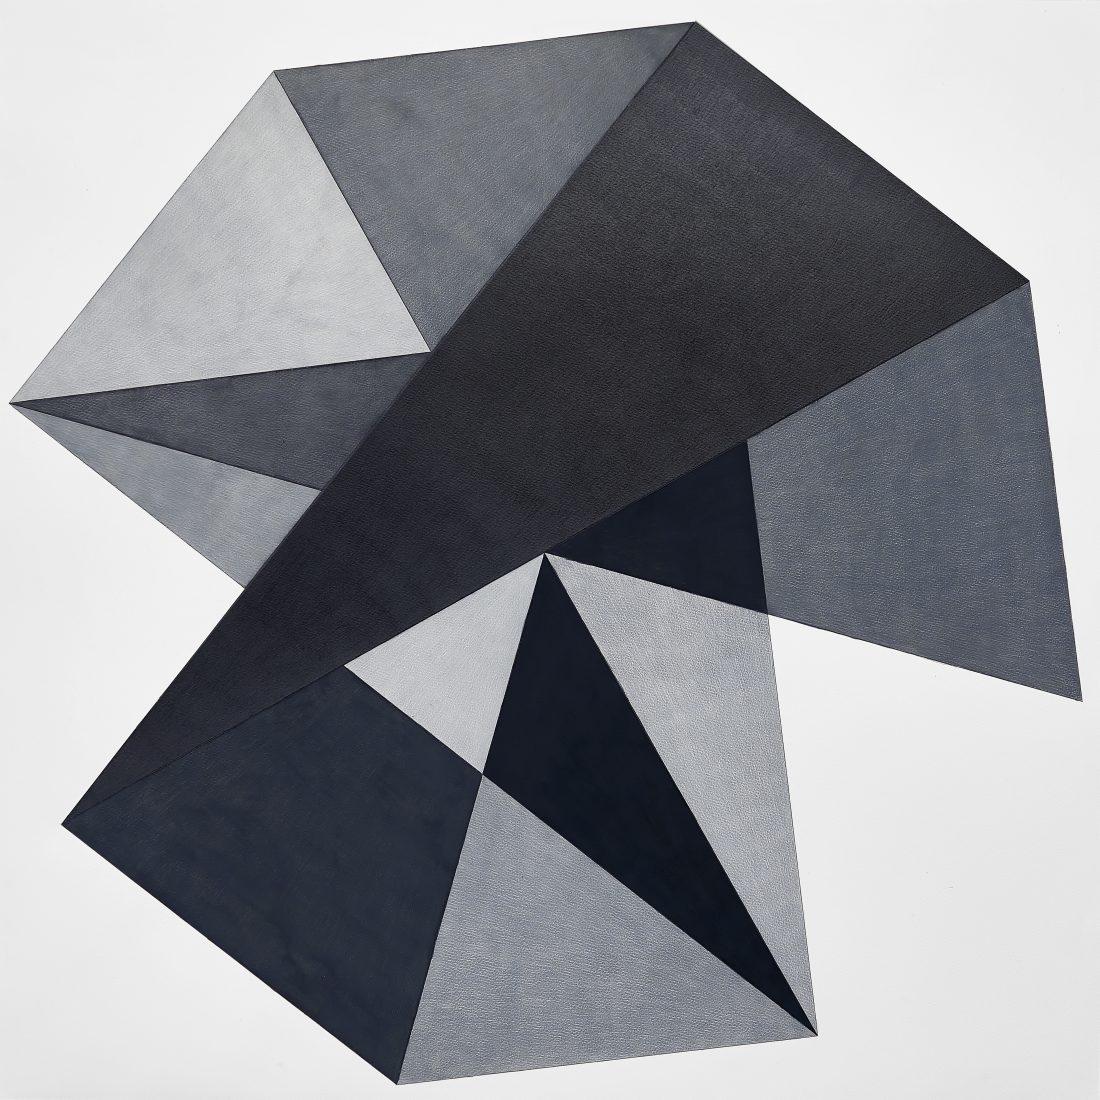 Без заглавие, 2017, акварел, цветен молив, молив върху хартия, 116 x 116 см. Courtesy Galerie Martin Janda, Vienna